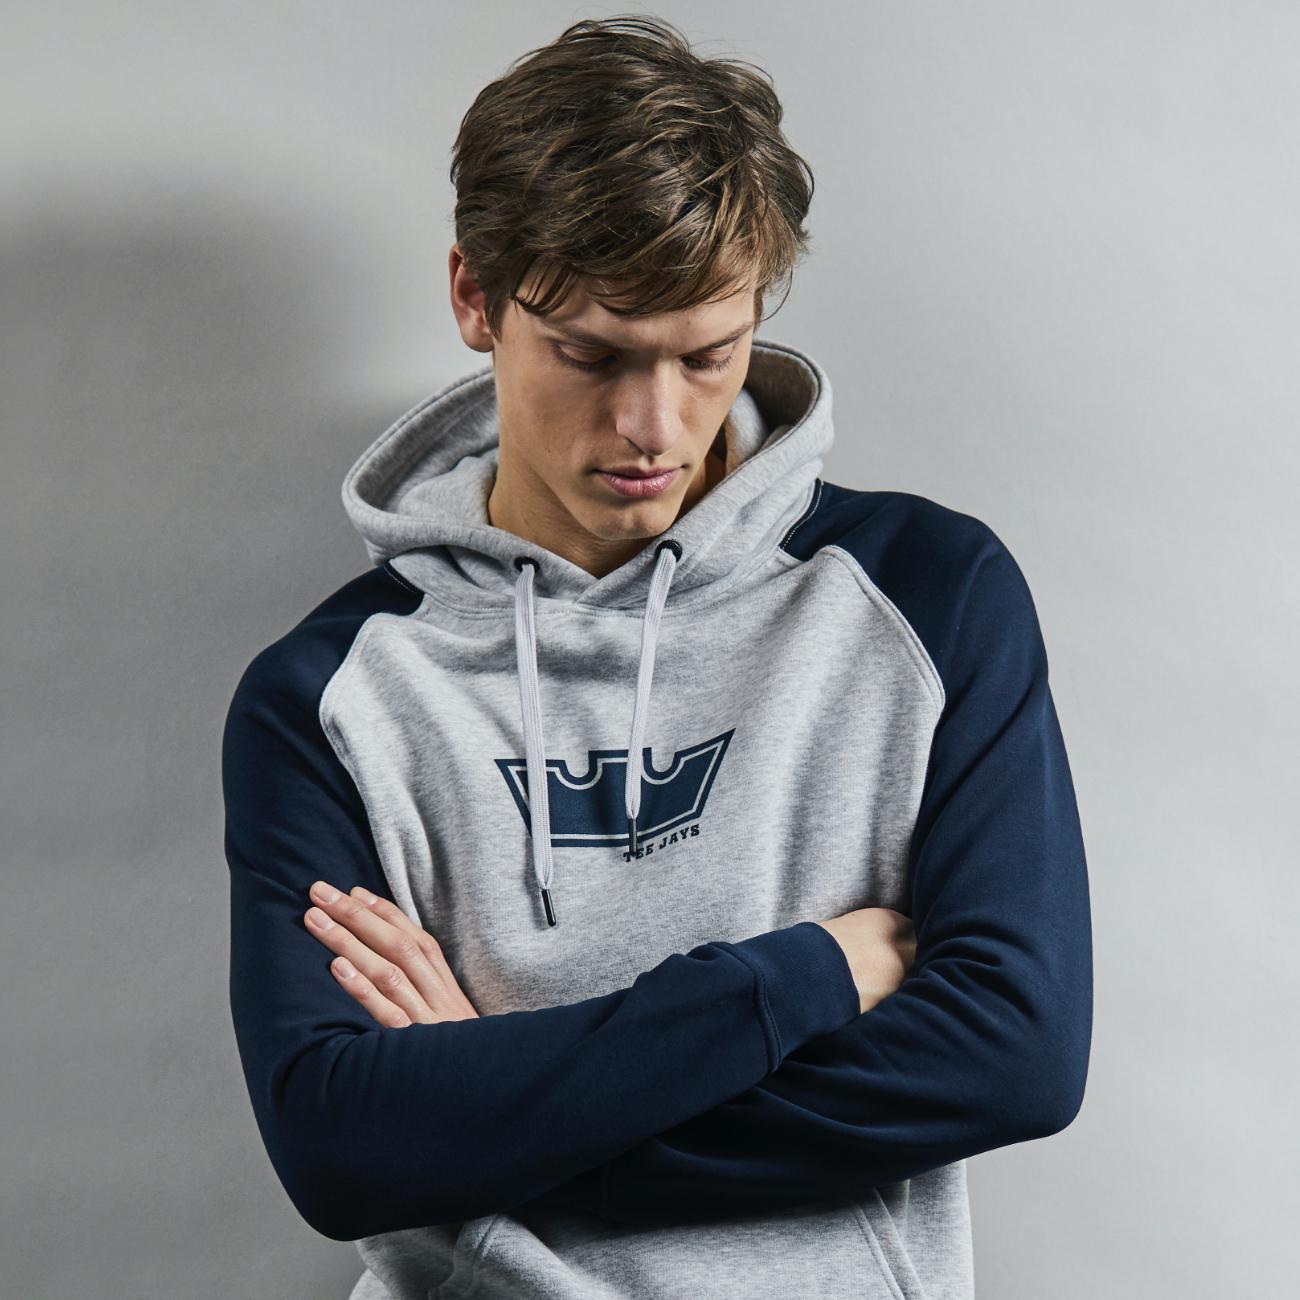 Power Crown Two-Tone Hooded Sweatshirt